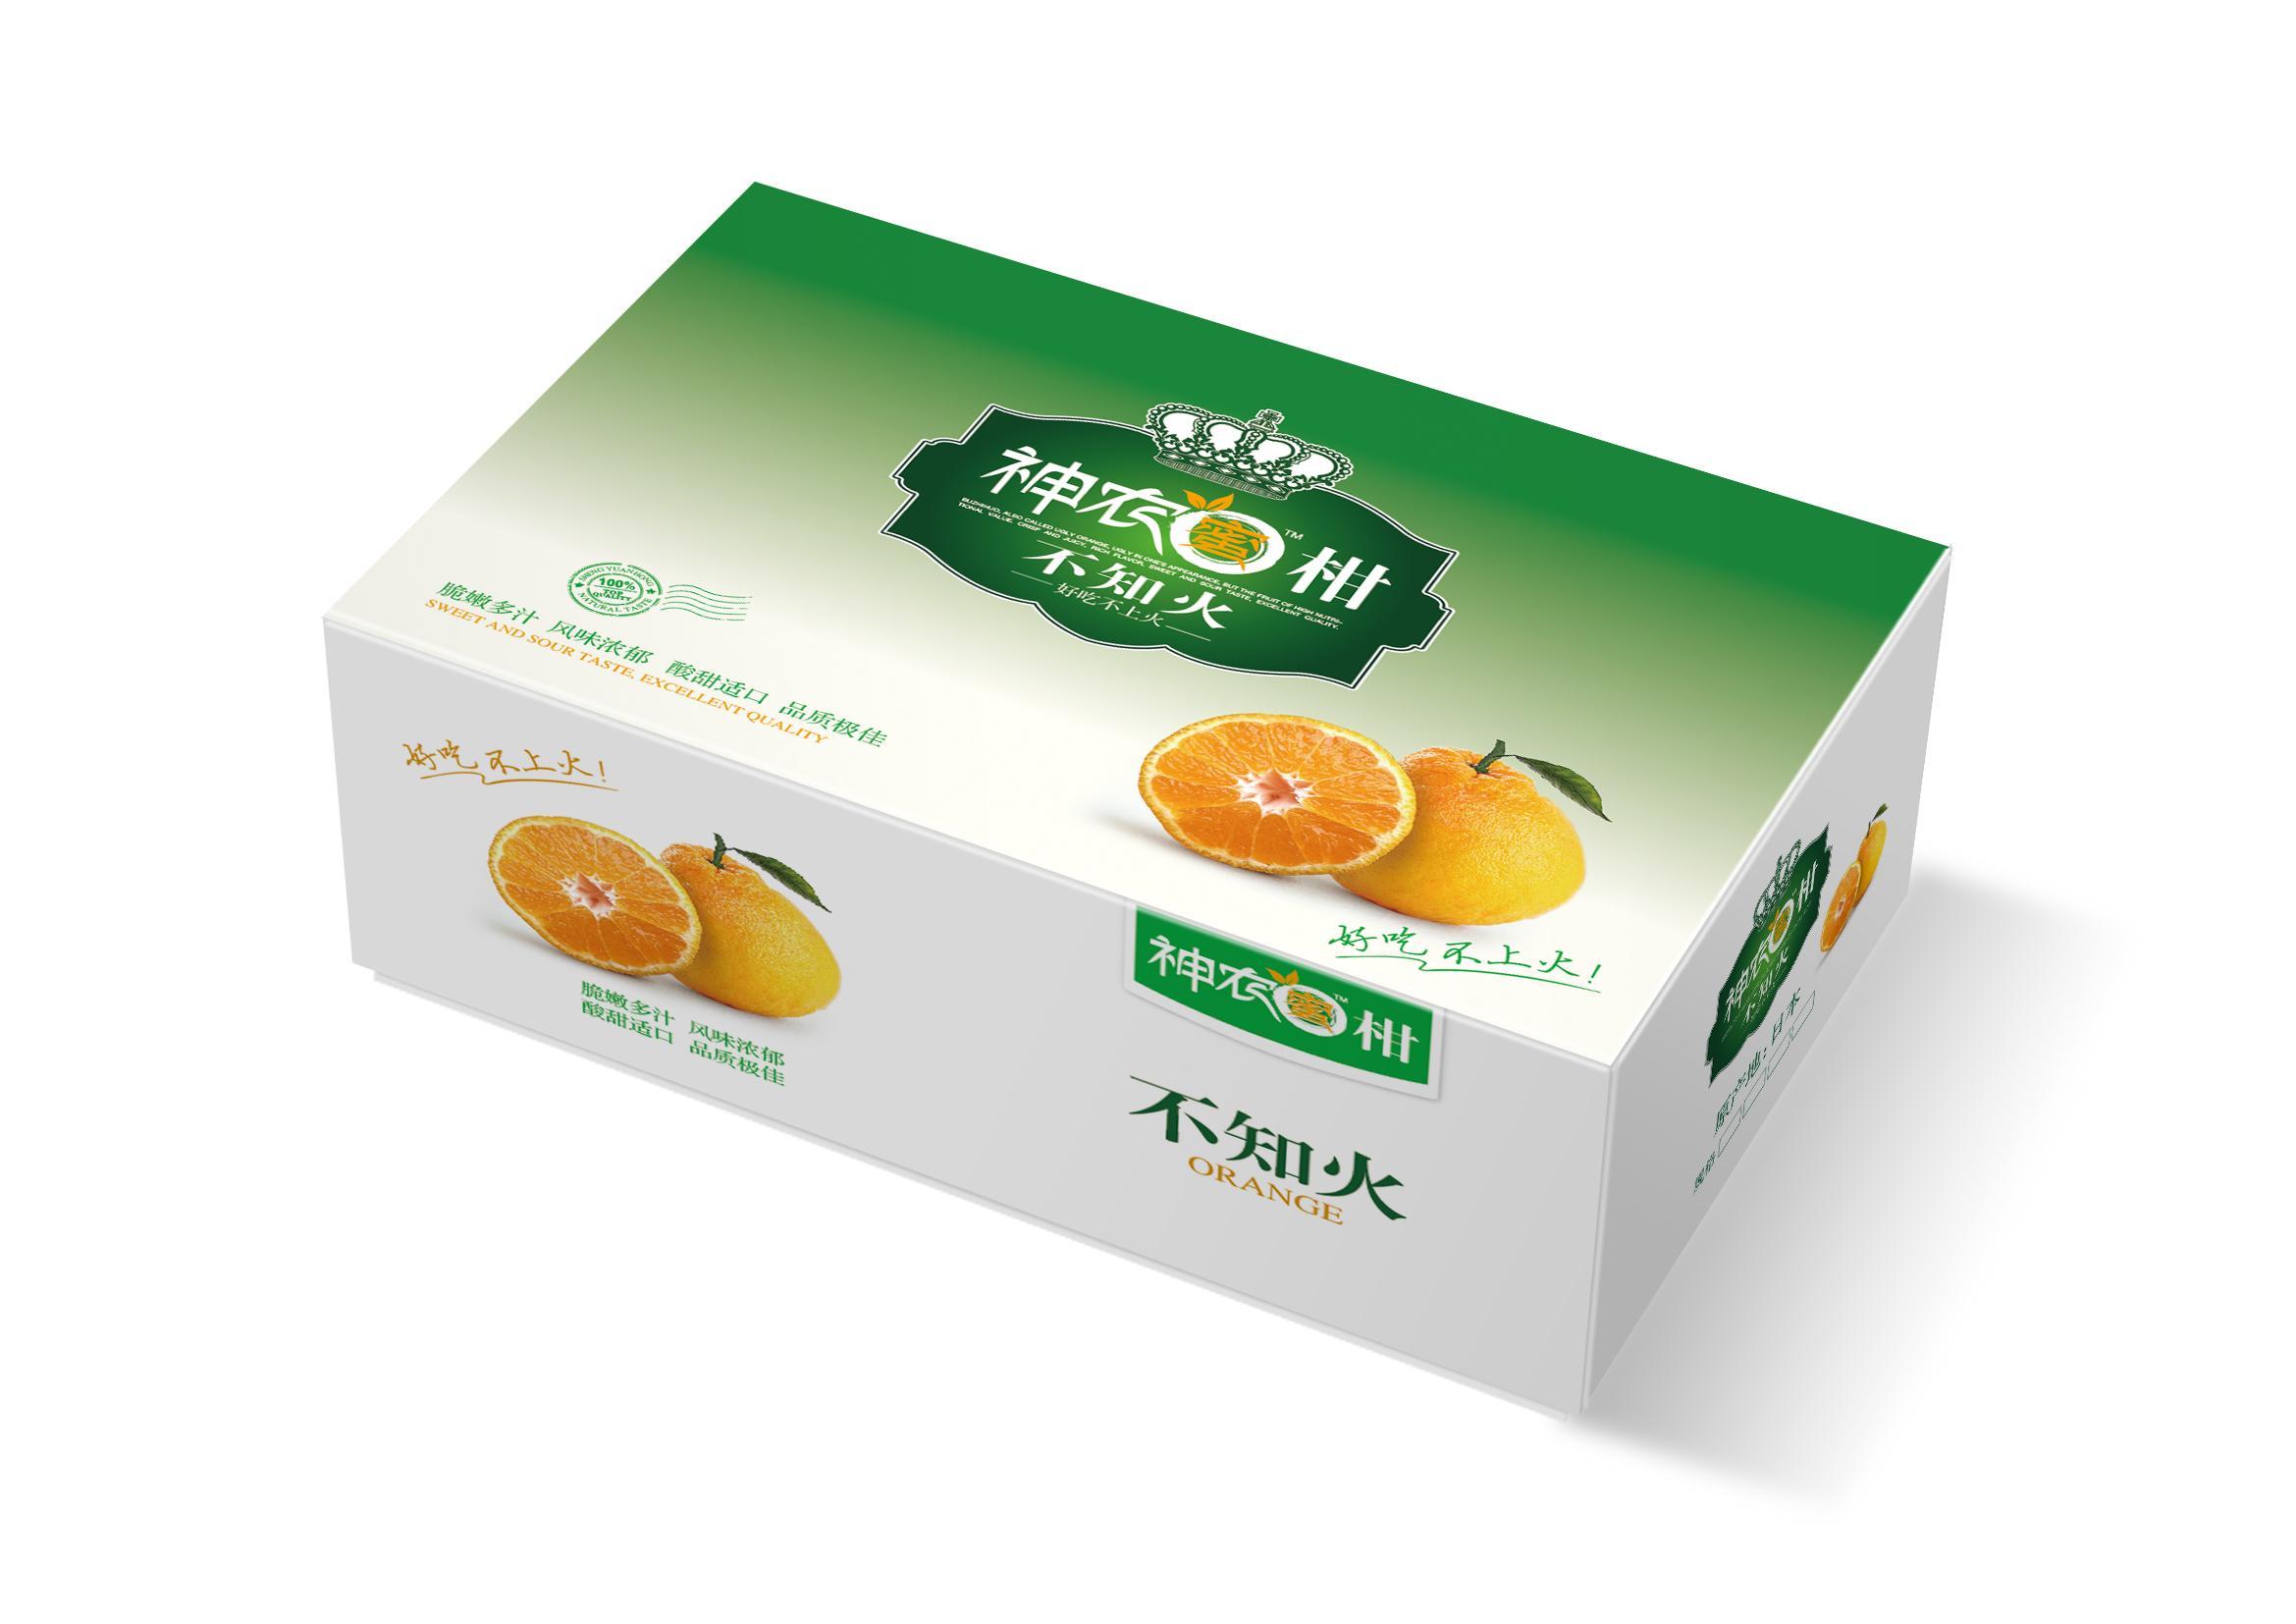 水果包装盒|水果包装盒厂家|水果包装盒印刷|水果包装盒定制